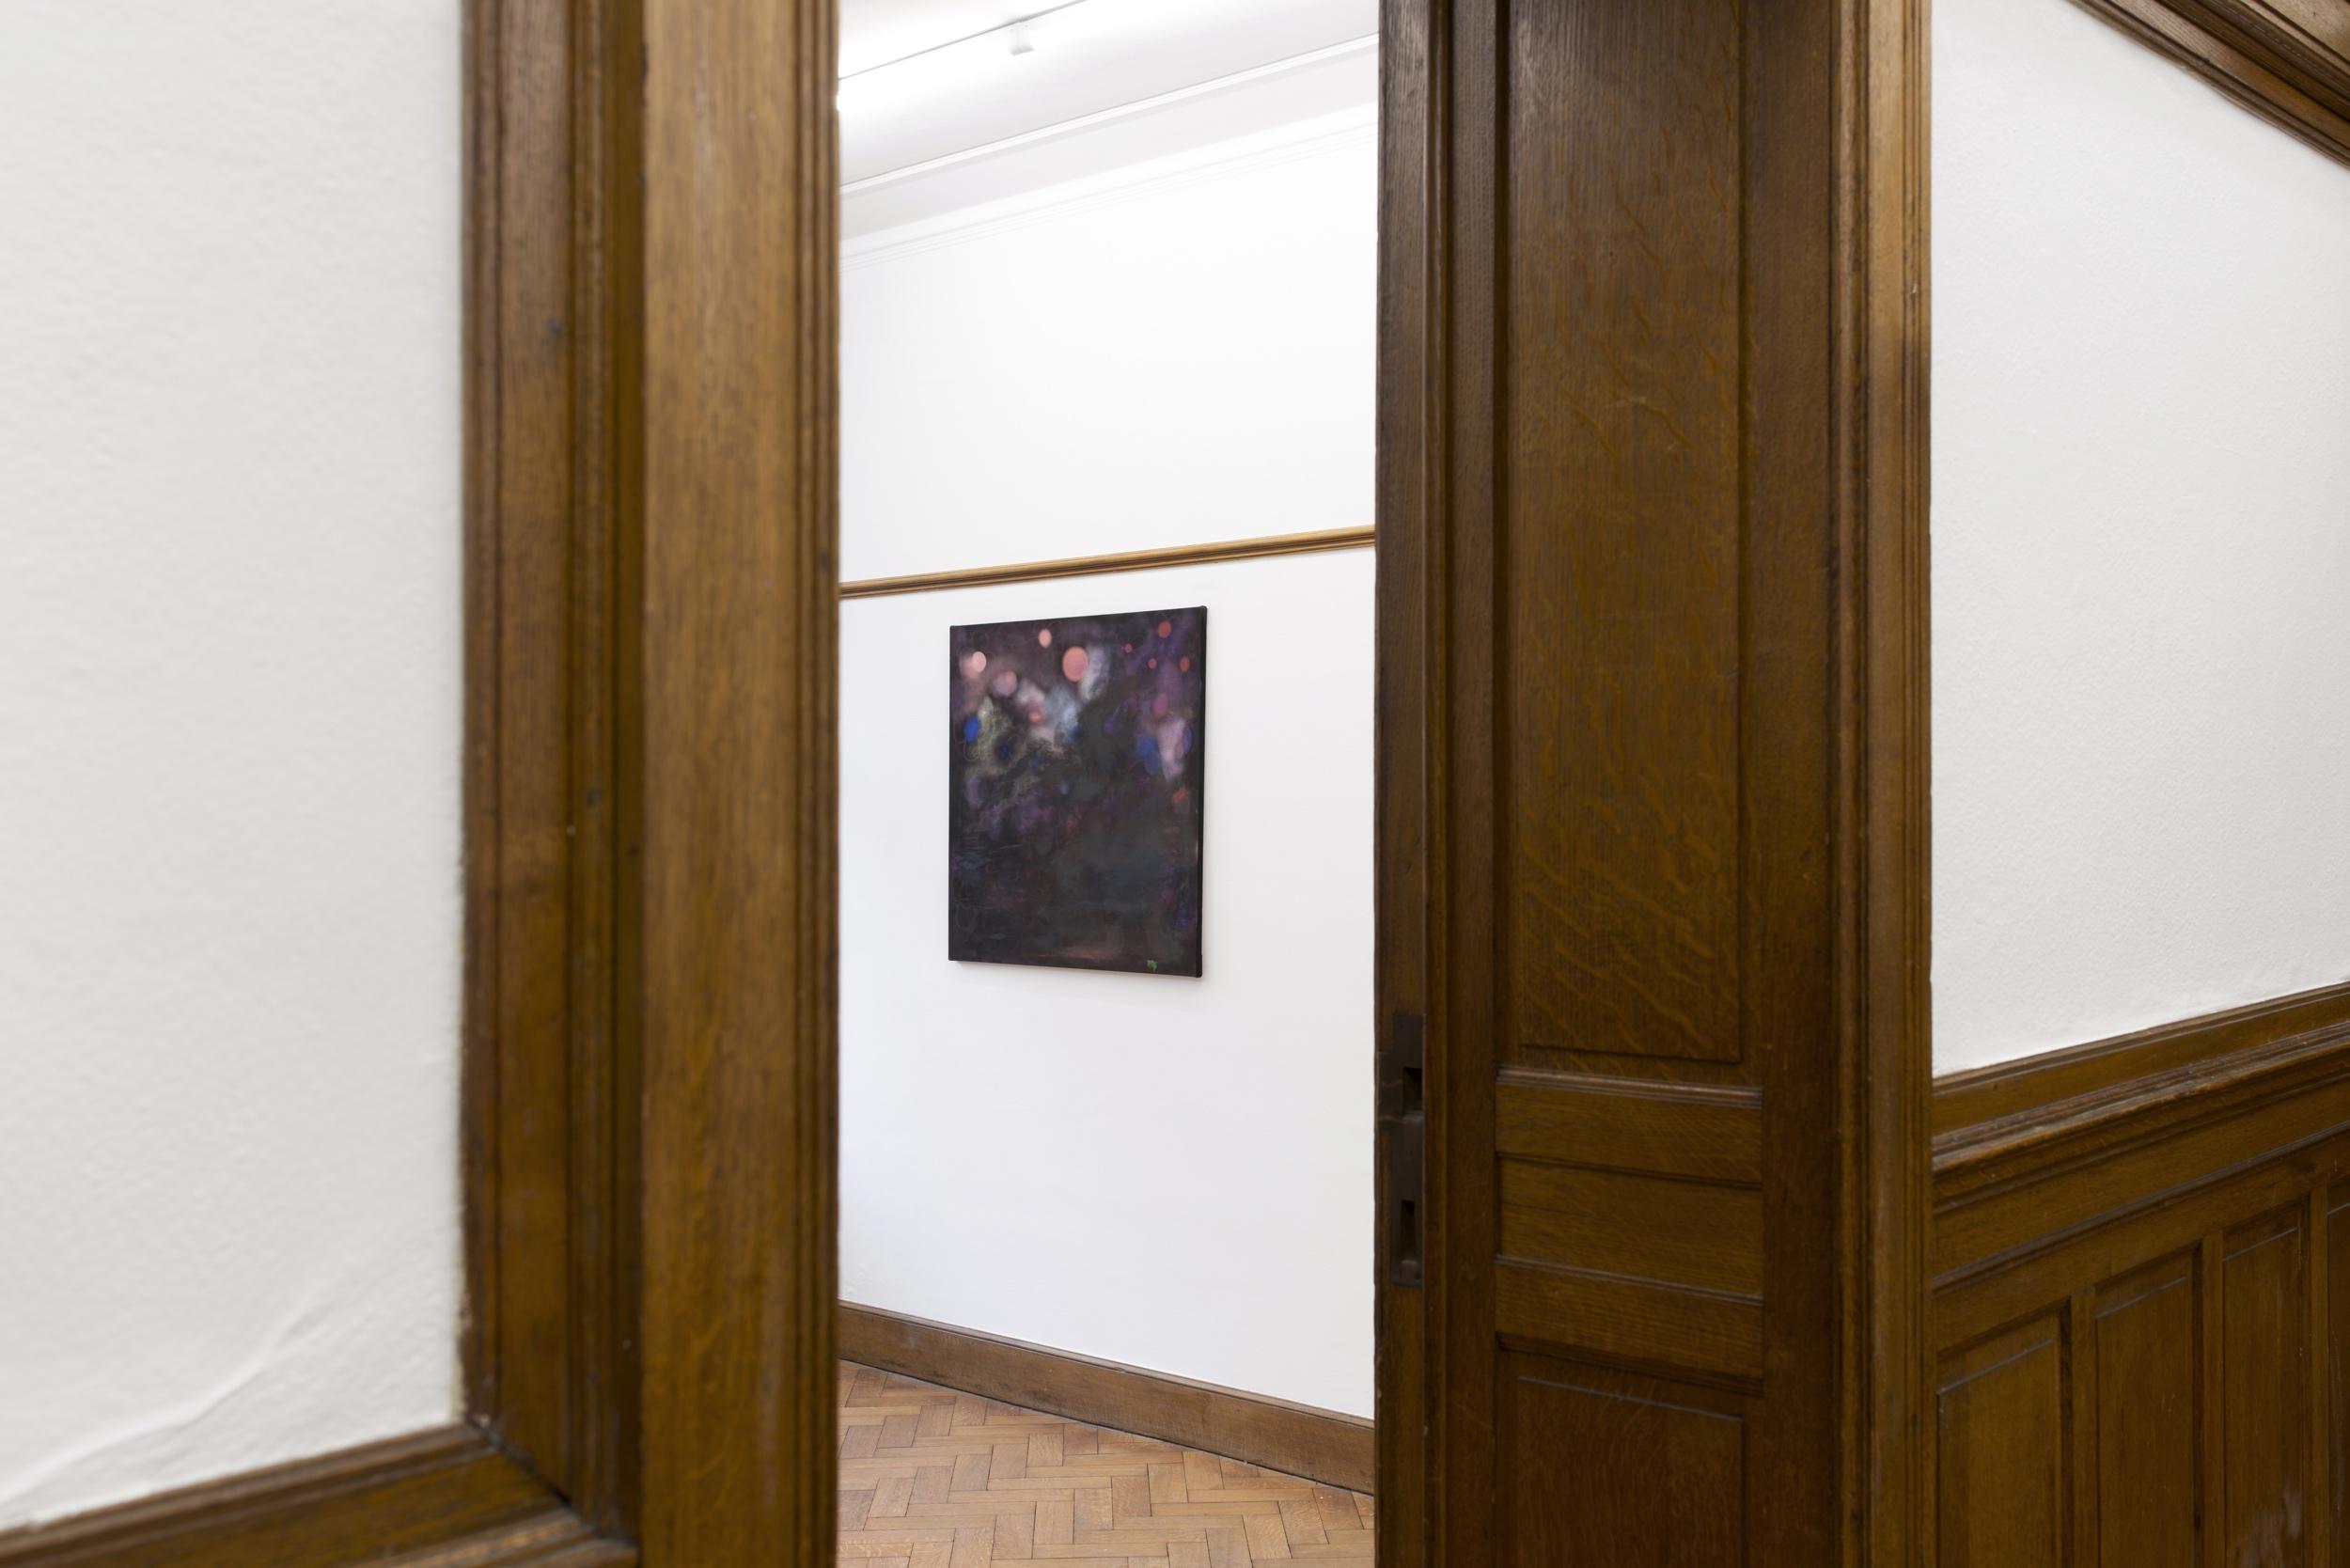 """Kate Spencer Stewart, """"La Peinture Abstraite,"""" installation view, La Maison de Rendez-Vous, Brussels, 2019"""